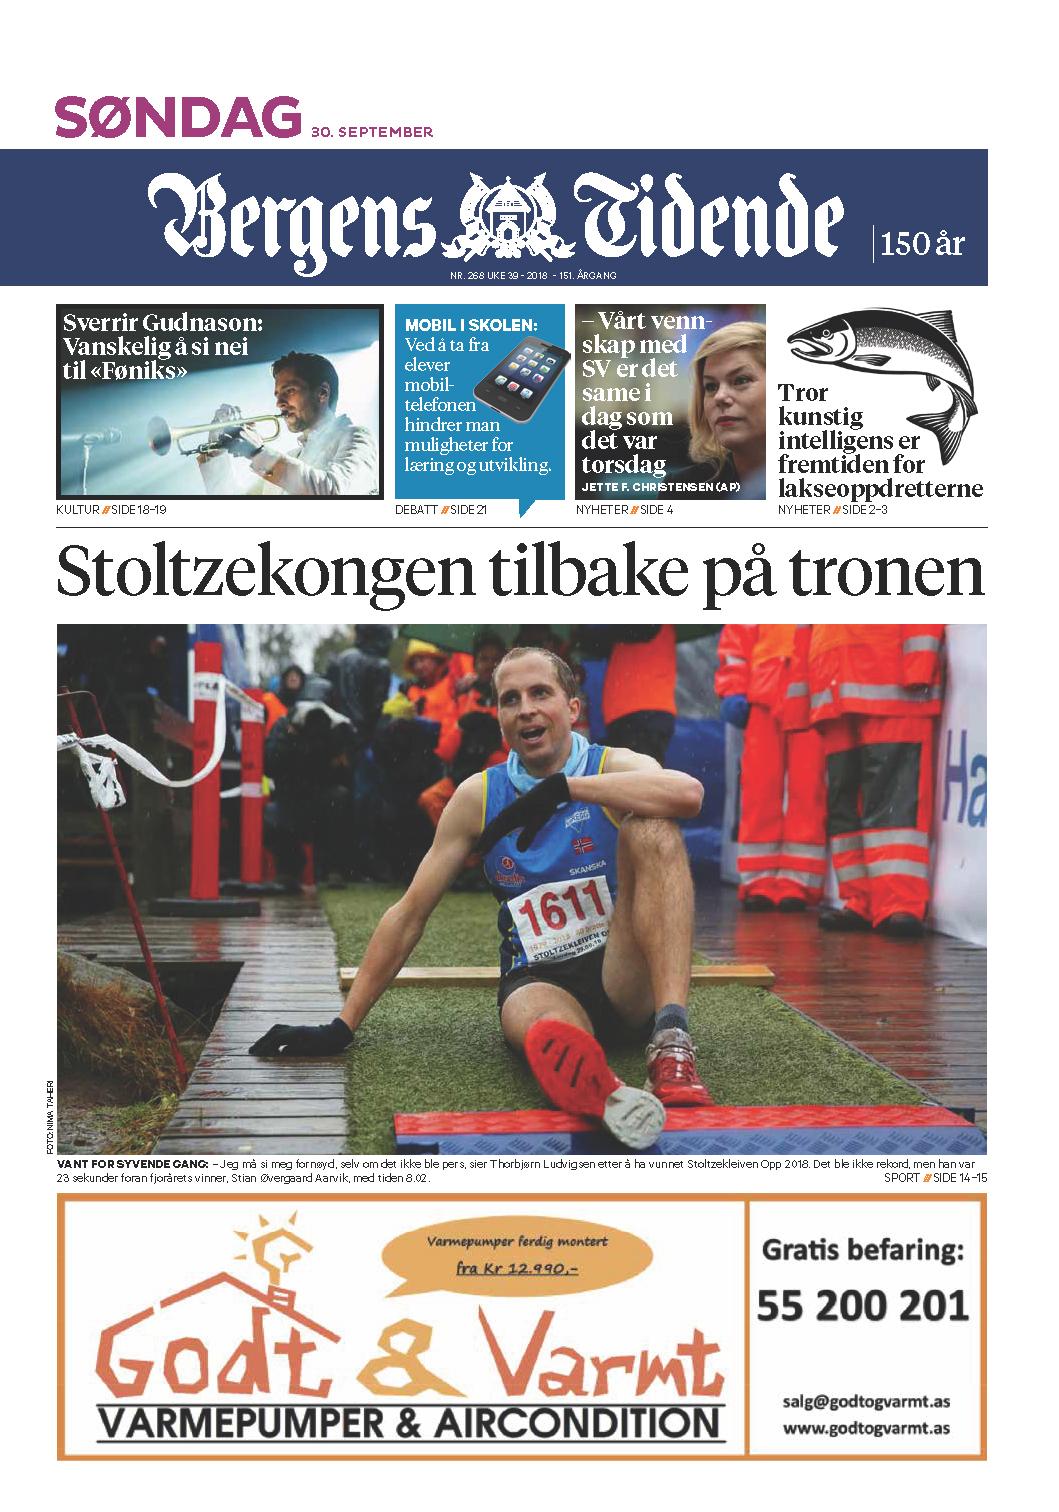 2018-09-30_Bergens_Tidende_2018-09-30_Page_01.jpg